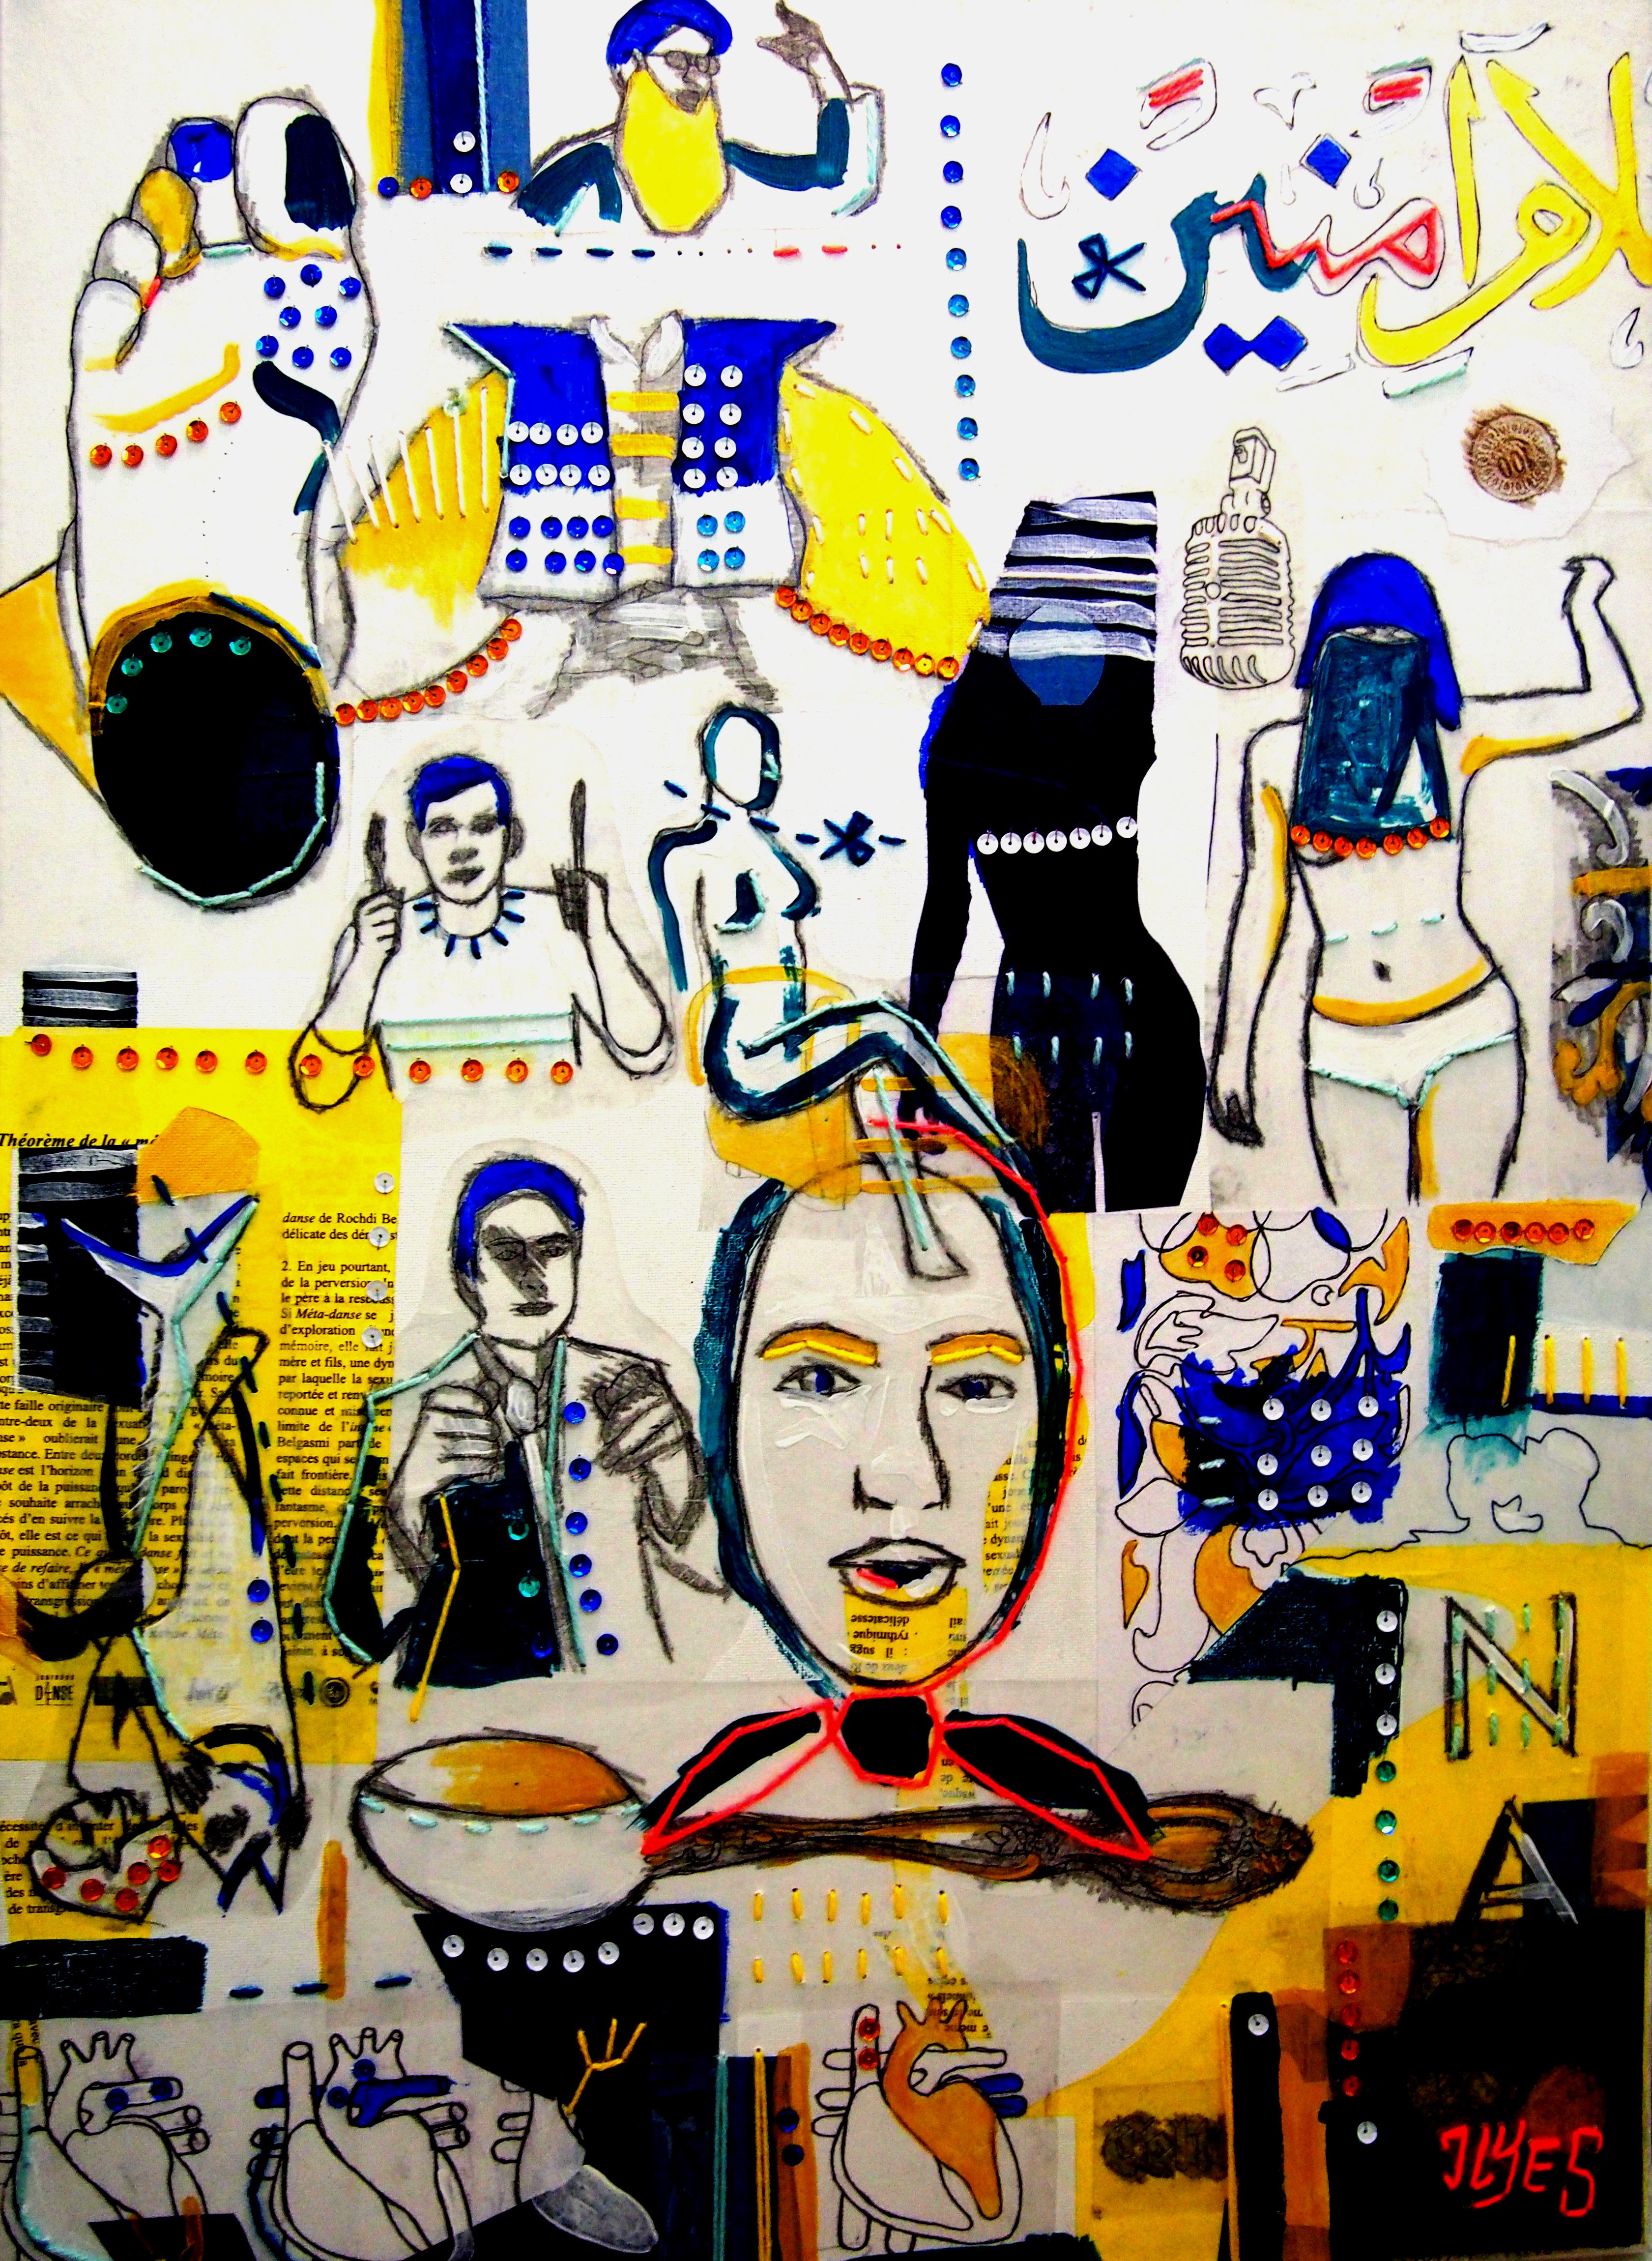 Le conte pop art d'Ilyes